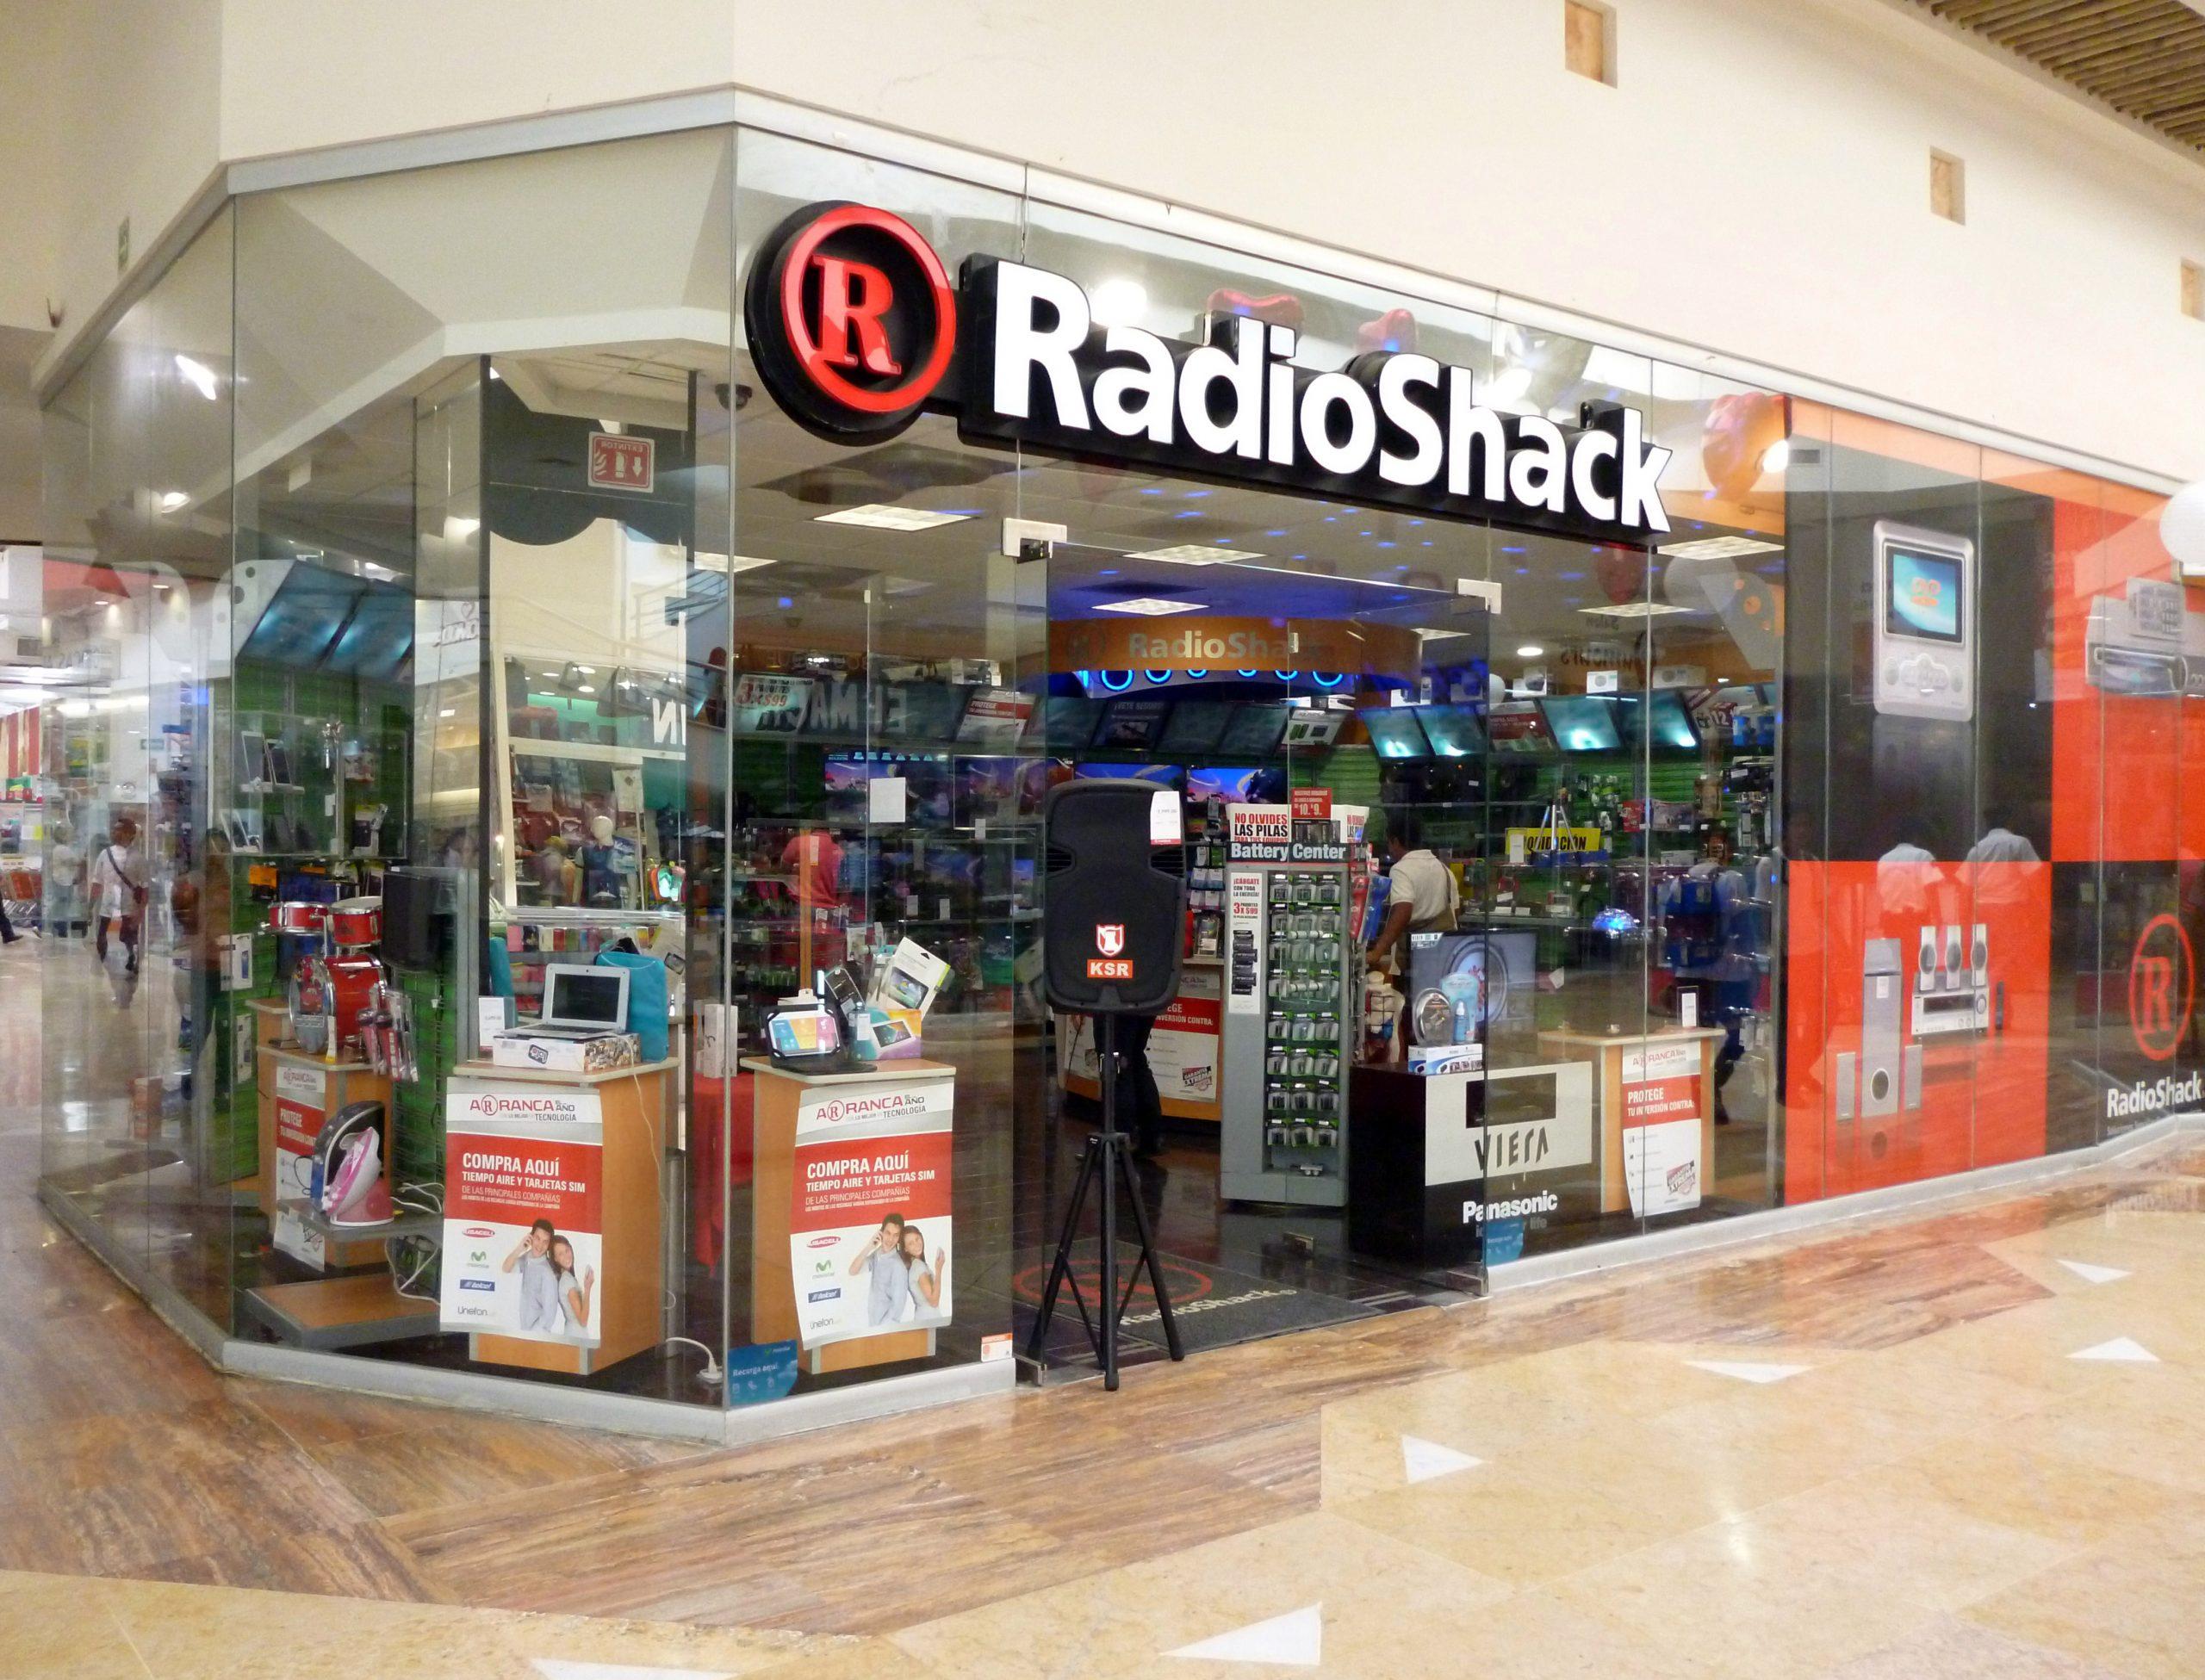 radioshack scaled